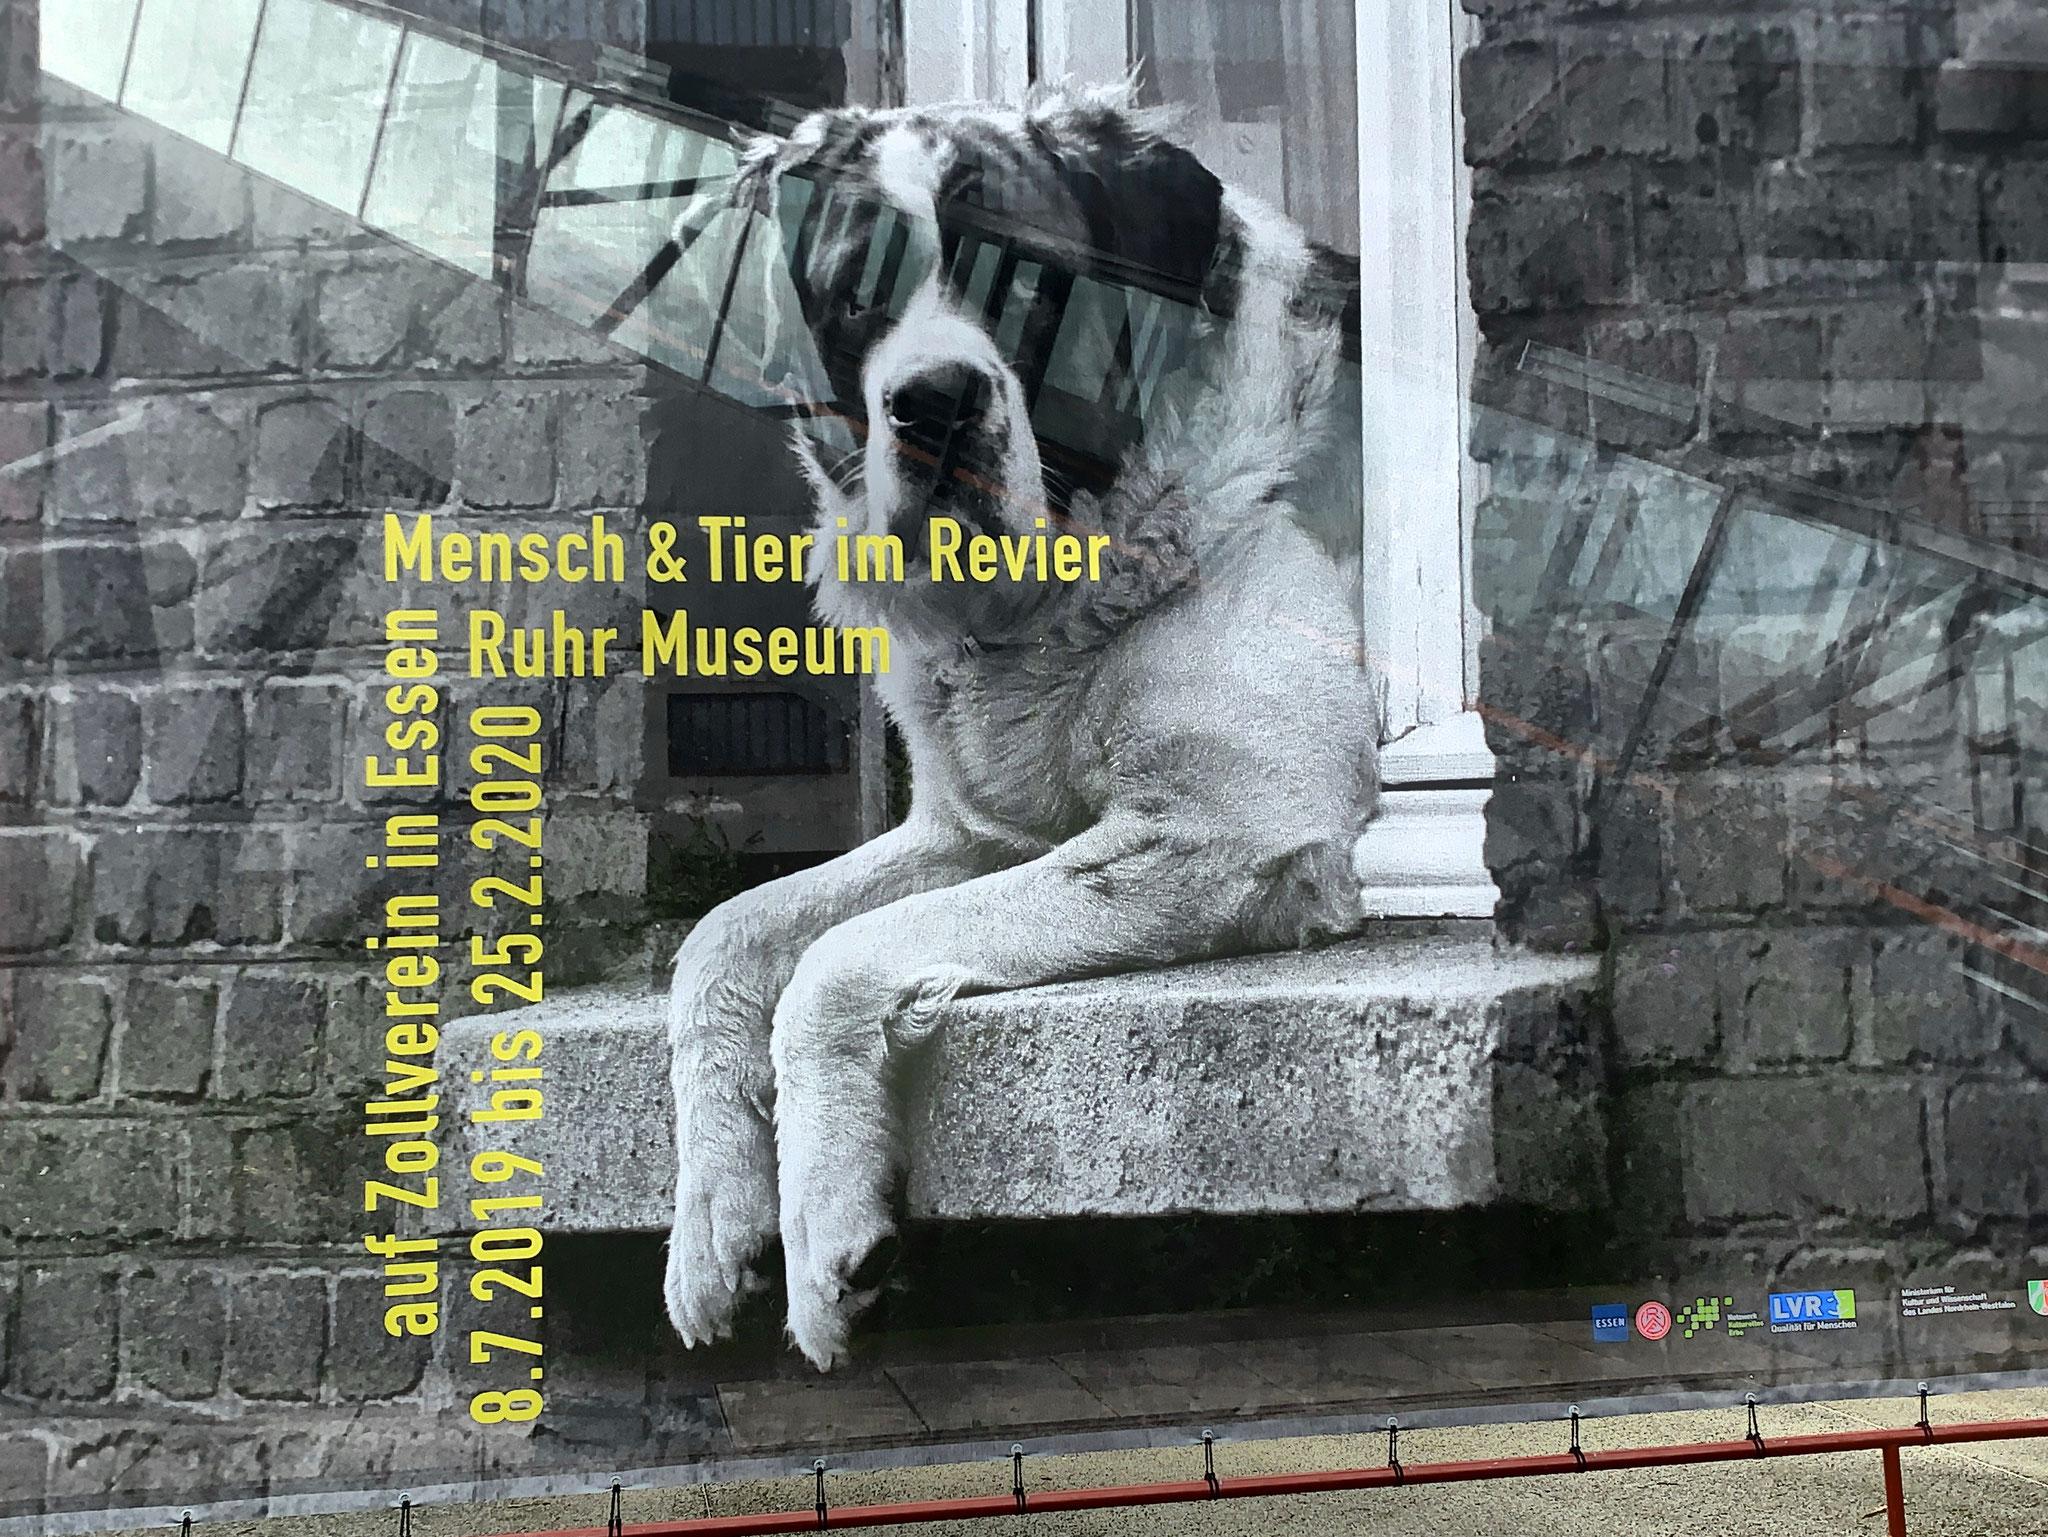 """Nicht zu übersehen ist das große Banner als Hinweis zur Ausstellung """"Mensch und Tier im Revier"""""""